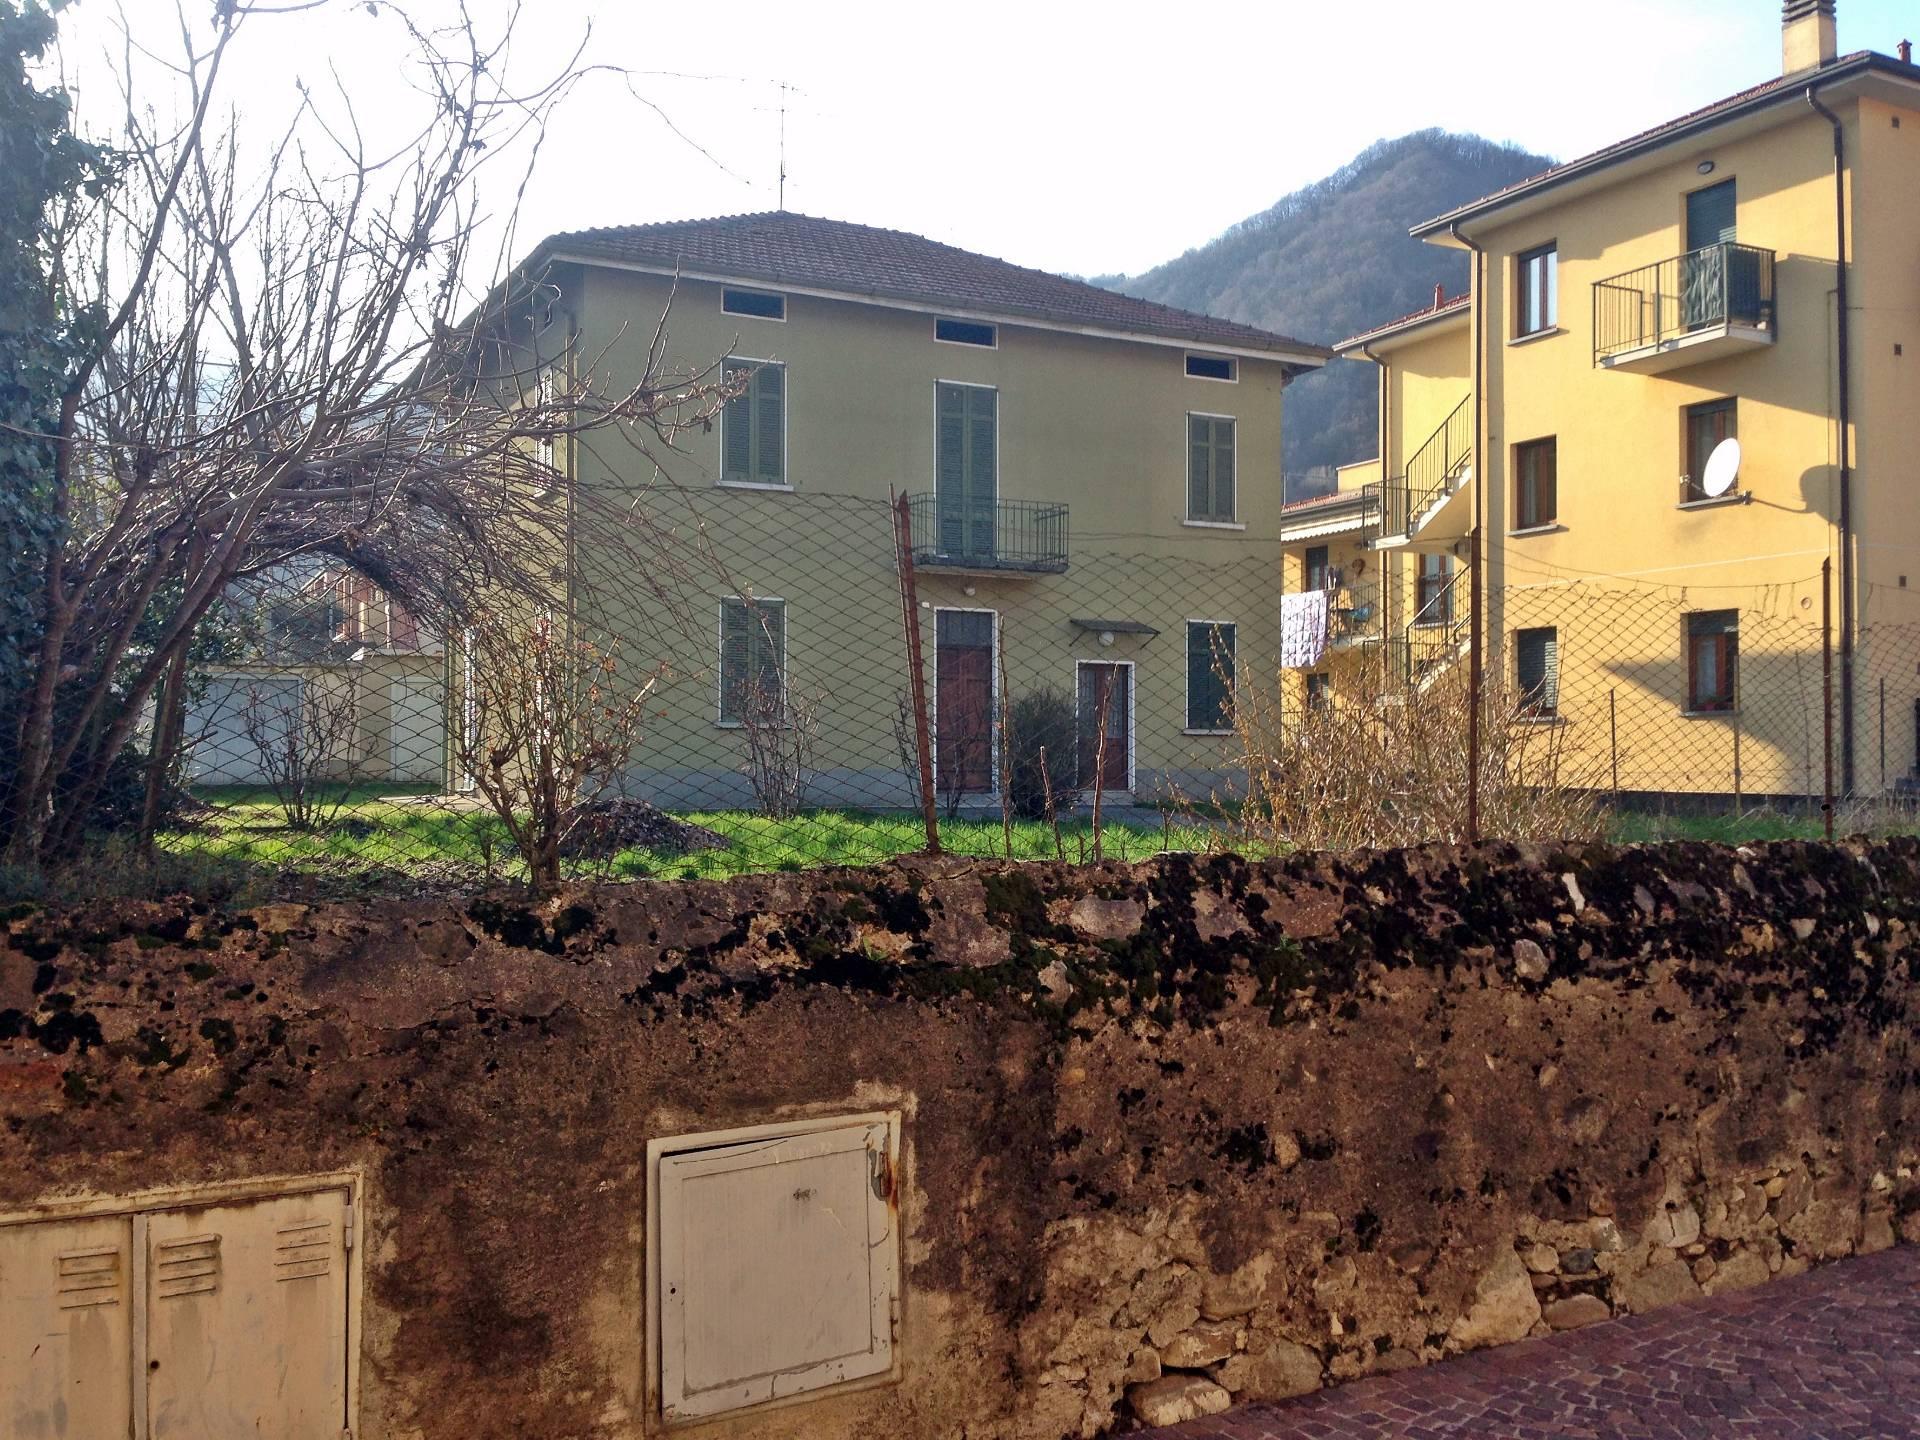 Villa Bifamiliare in Vendita a Valgreghentino